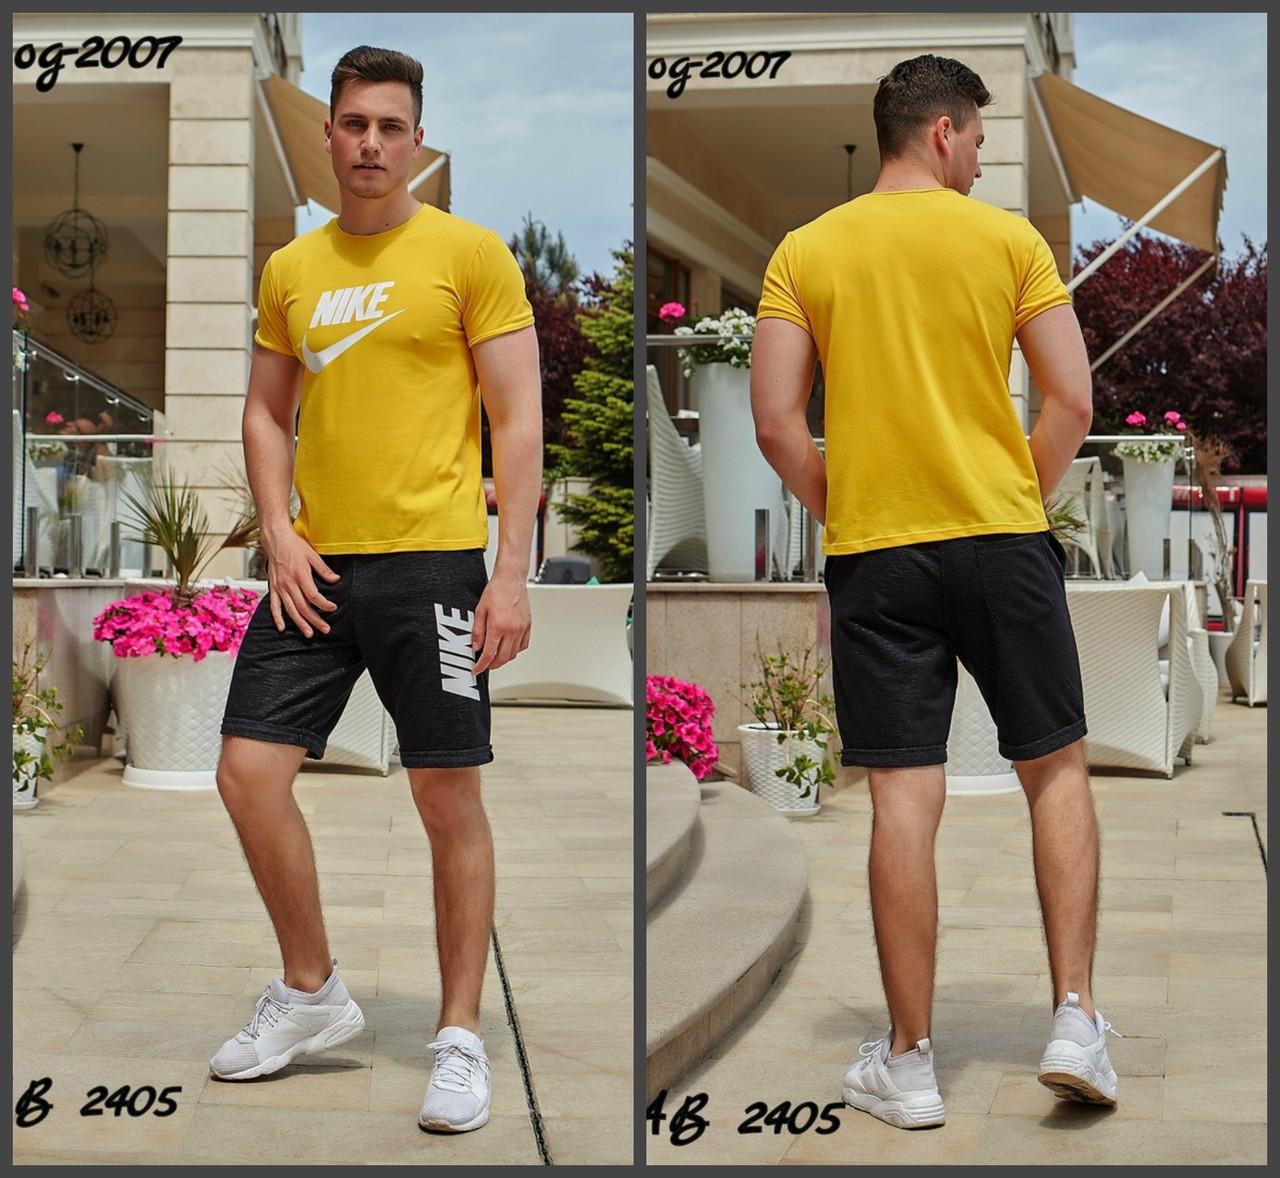 20eb57c575441 Мужской летний спортивный костюм Nike футболка+шорты турецкая  двухнить+коттон стрейч размеры:48